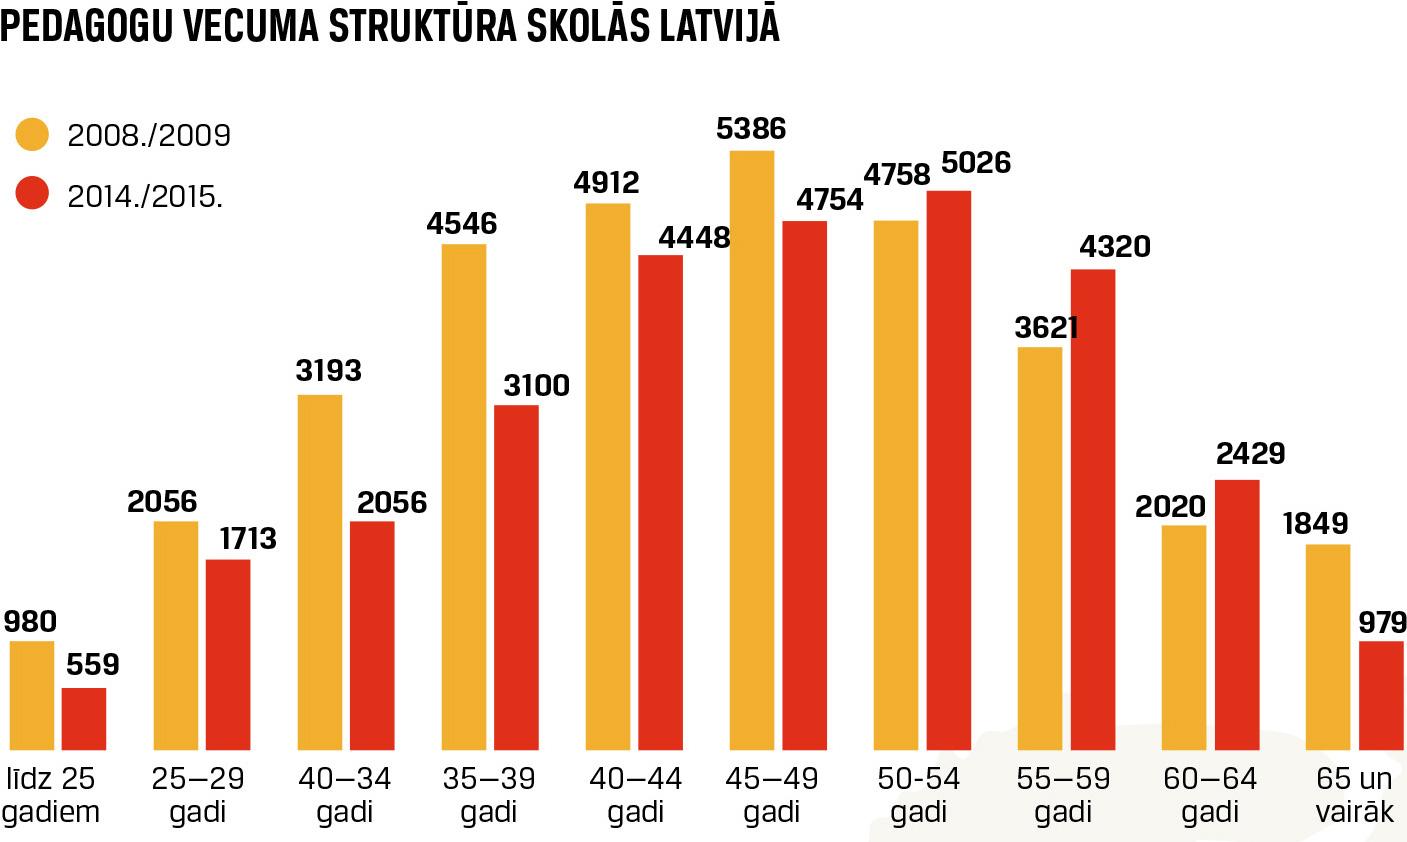 Pedagogu vecuma struktūra skolās Latvijā. Infografika: Māris Diņģelis, IR